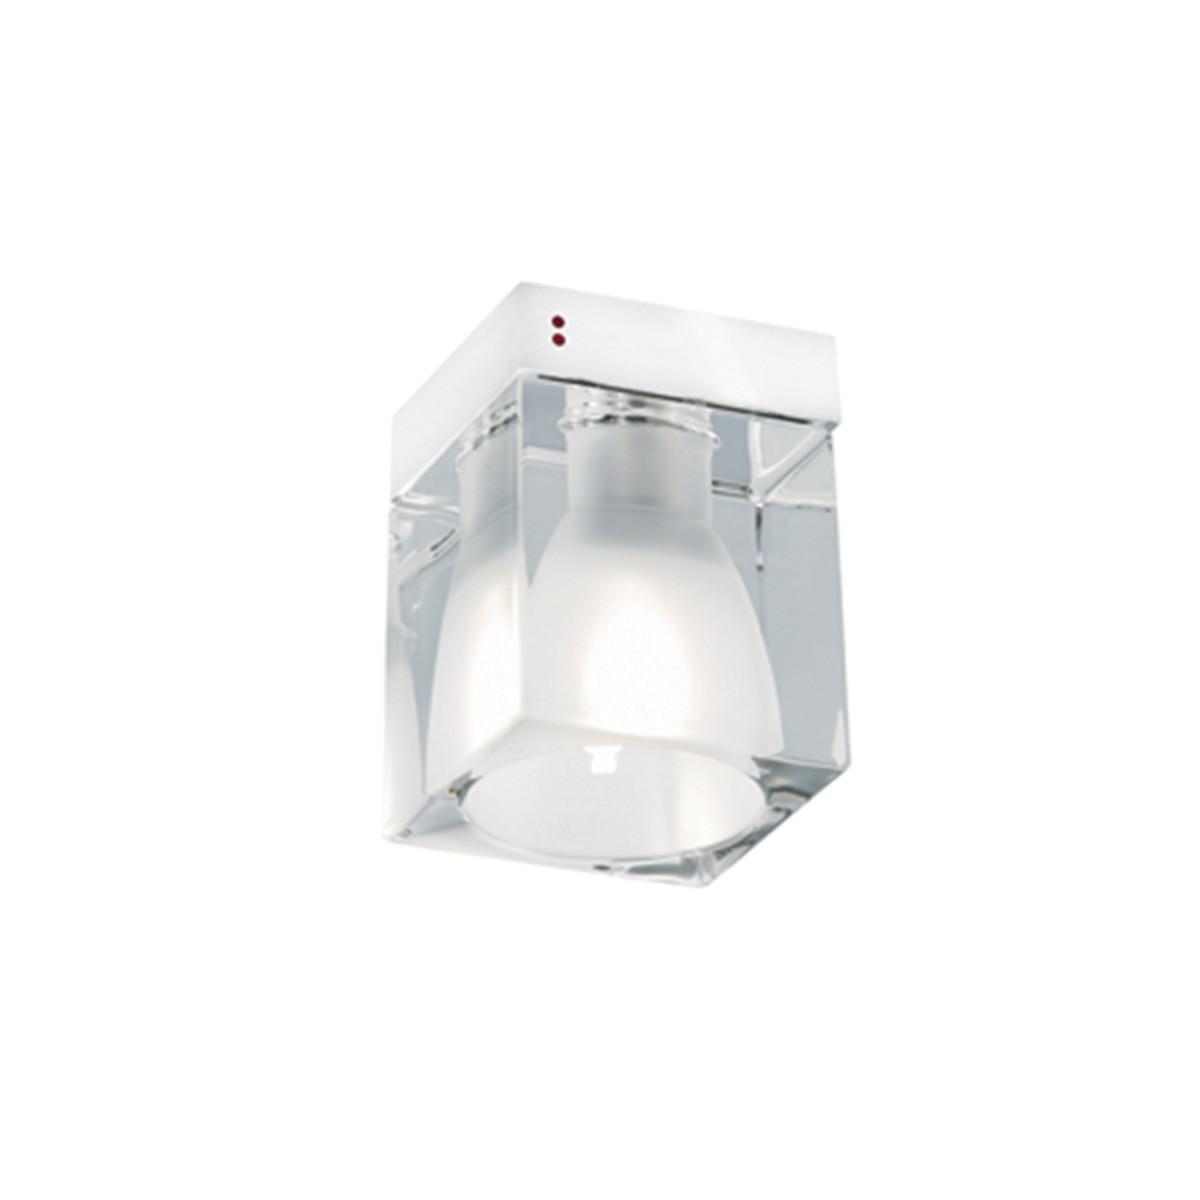 Fabbian Cubetto Wand-/ Deckenleuchte, G9, transparent - weiß